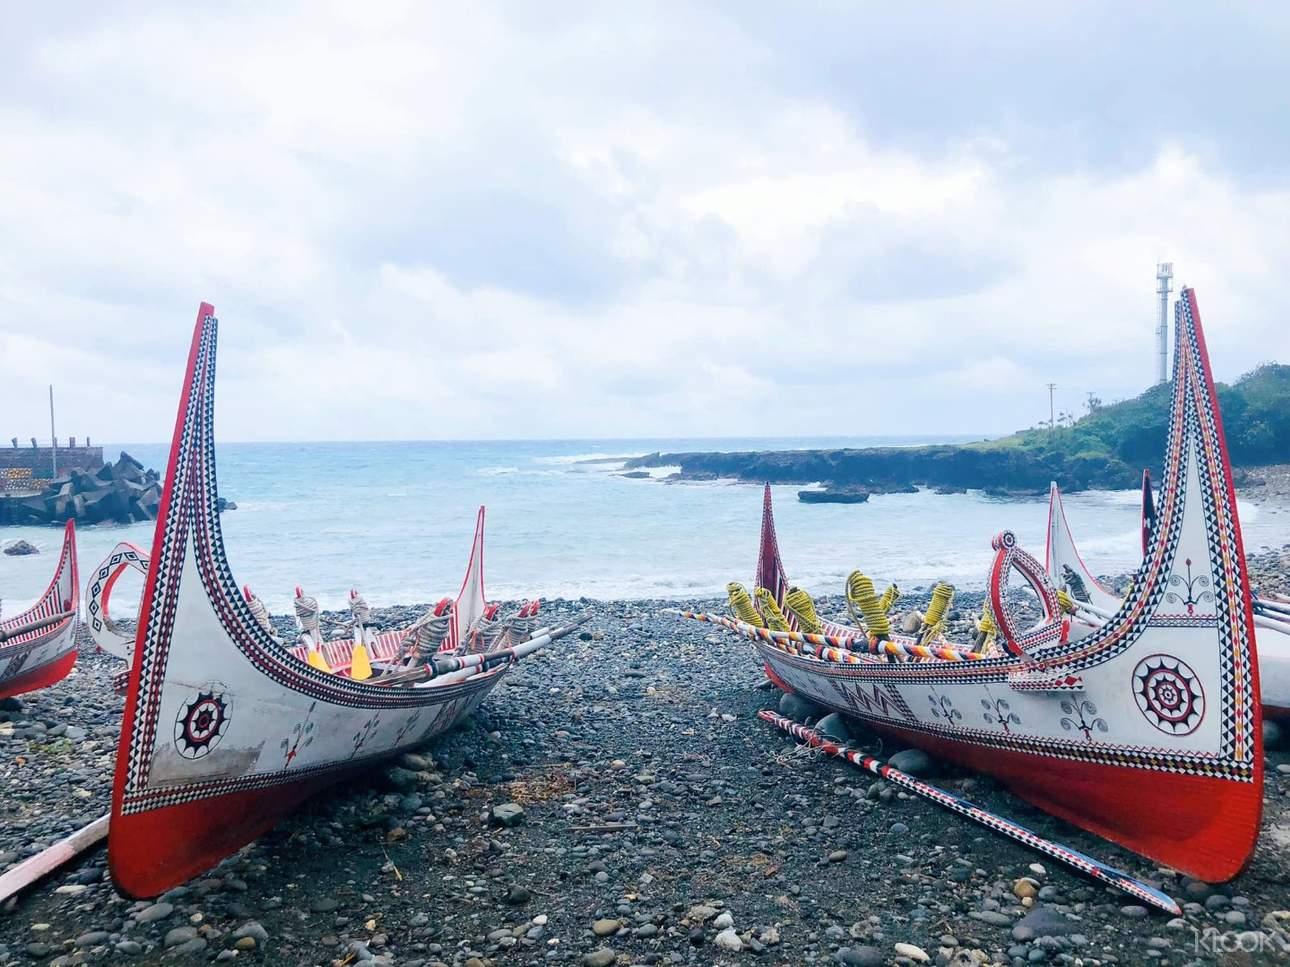 拼板舟造型獨特、線條優美,傳統圖騰「船之眼」極具象徵意義與特色